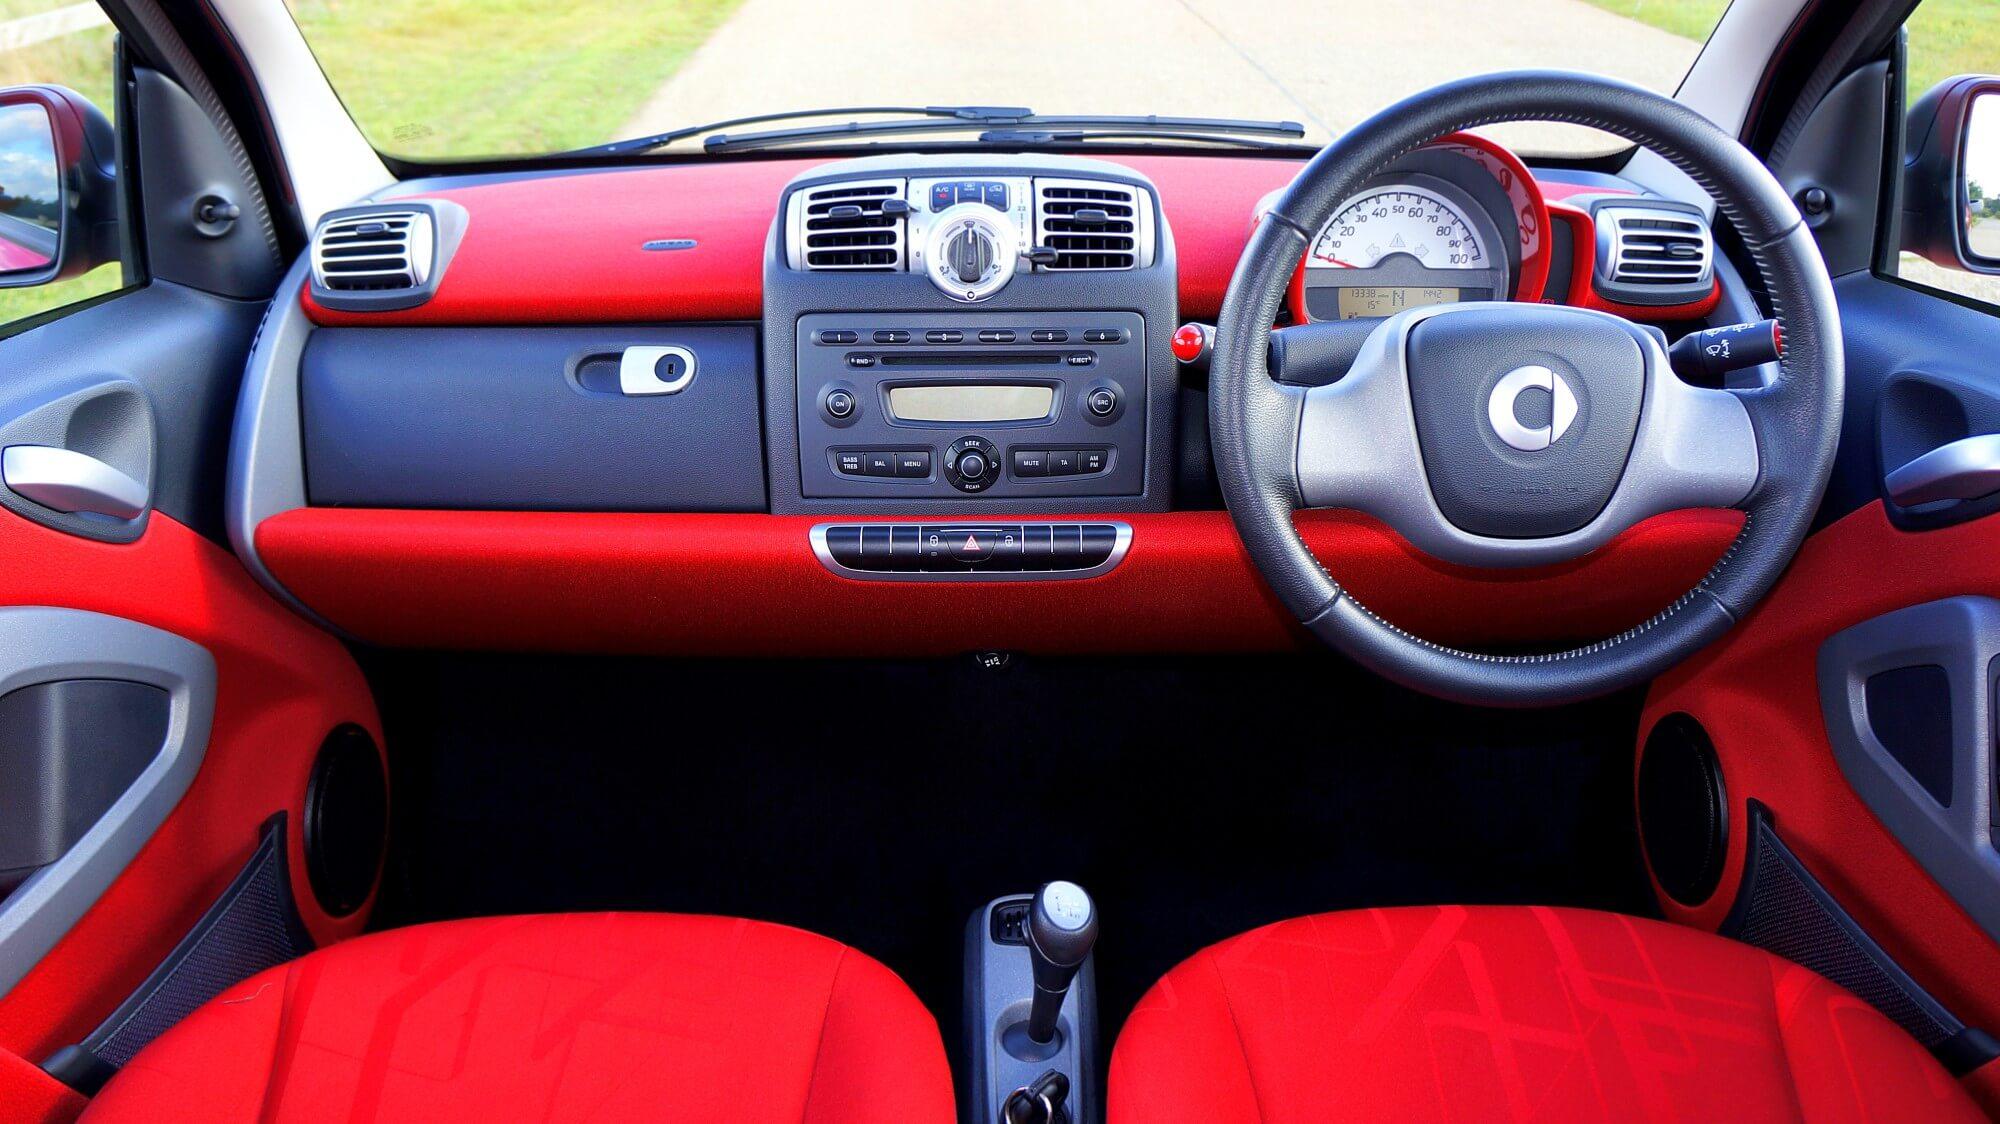 best car audio setup for sound quality